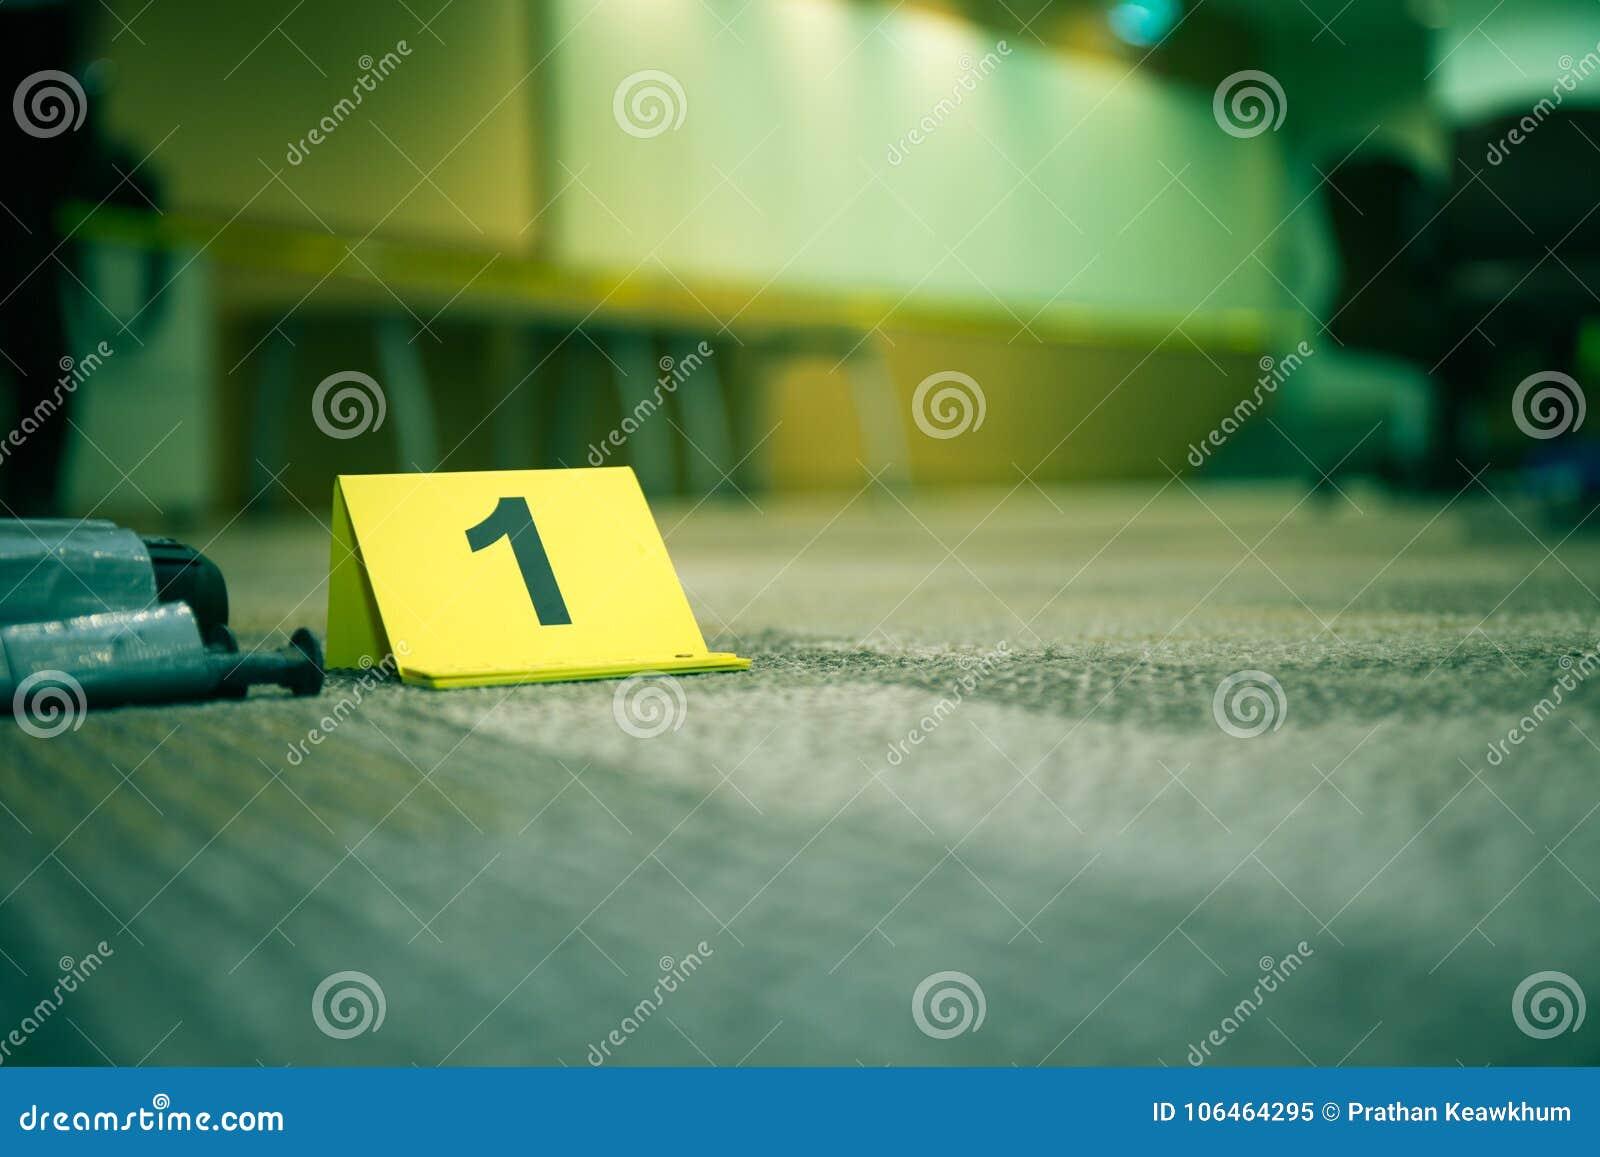 Δείκτης αριθμός 7 στοιχείων στο πάτωμα ταπήτων κοντά στο ύποπτο αντικείμενο μέσα